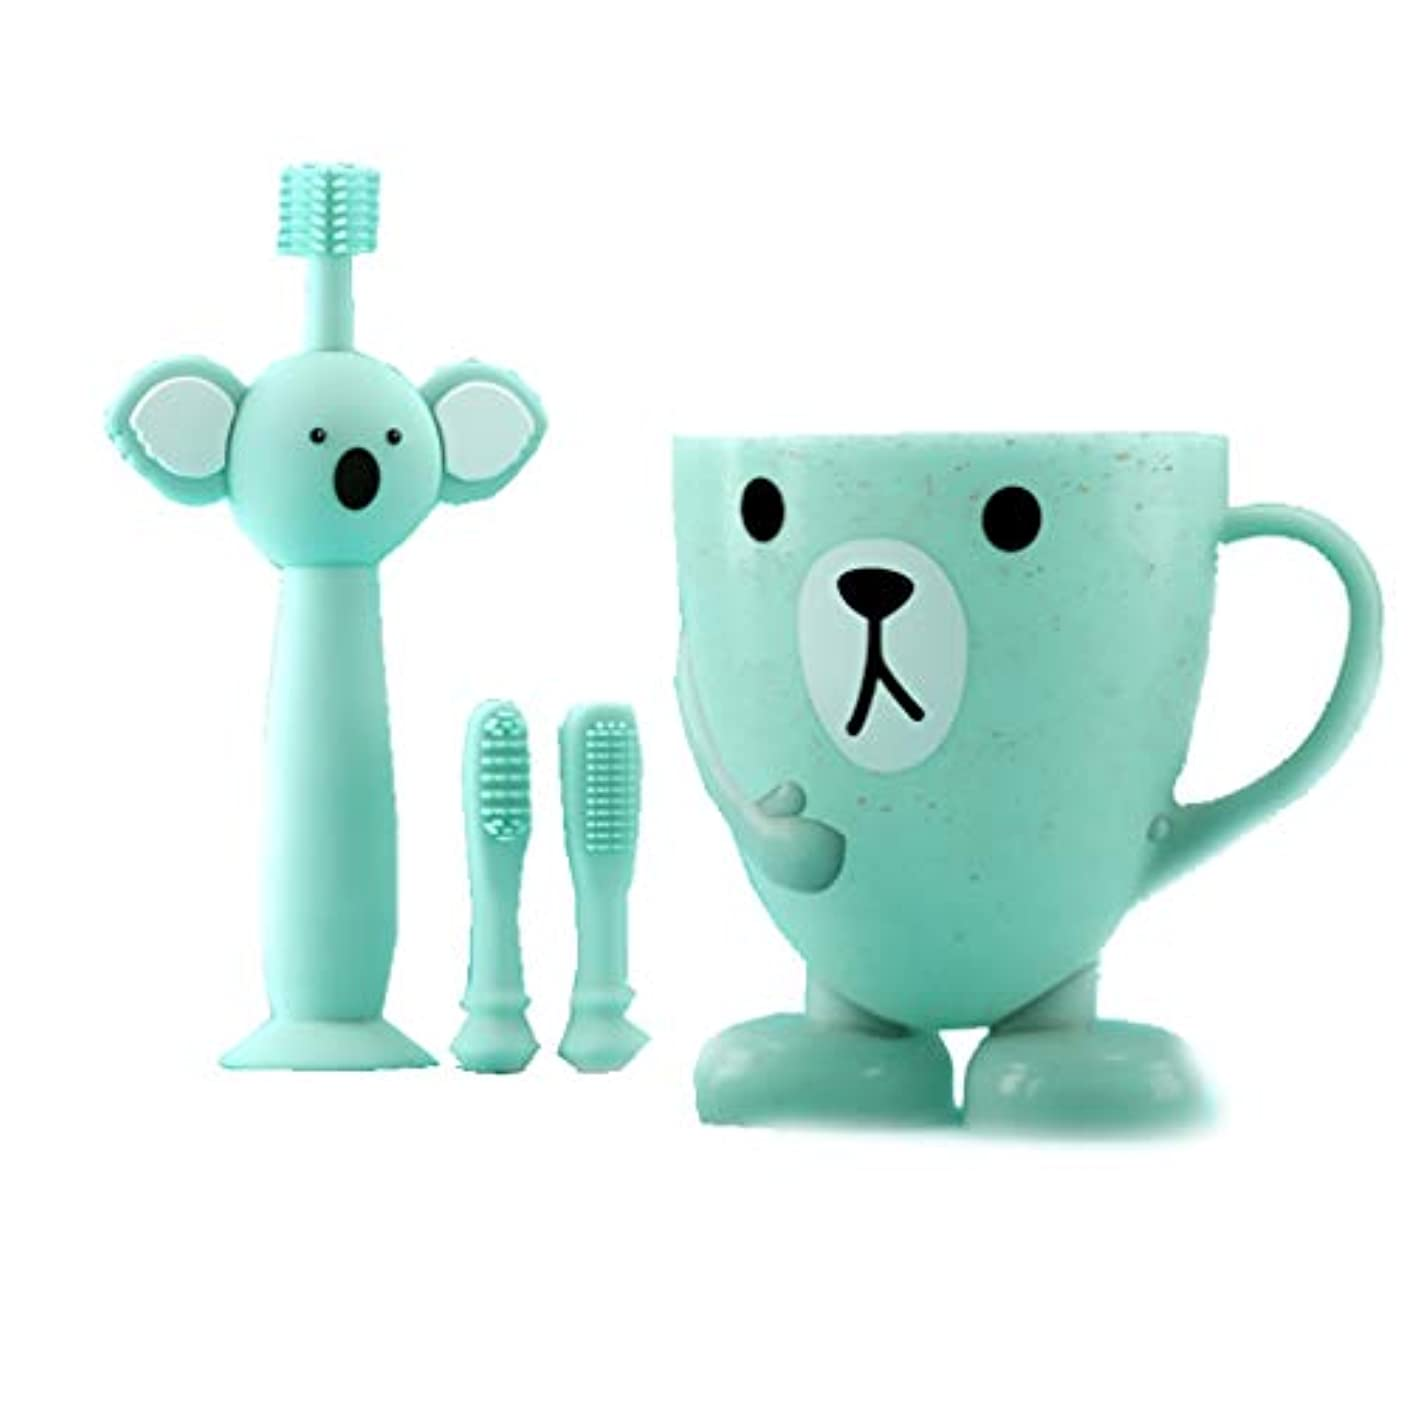 故国依存信者赤ちゃんの歯ブラシの子供、360度きれいな柔らかい髪、慎重に選択されたシリコーン材料、歯をきれいにしながら歯茎をマッサージします。 (色 : B)